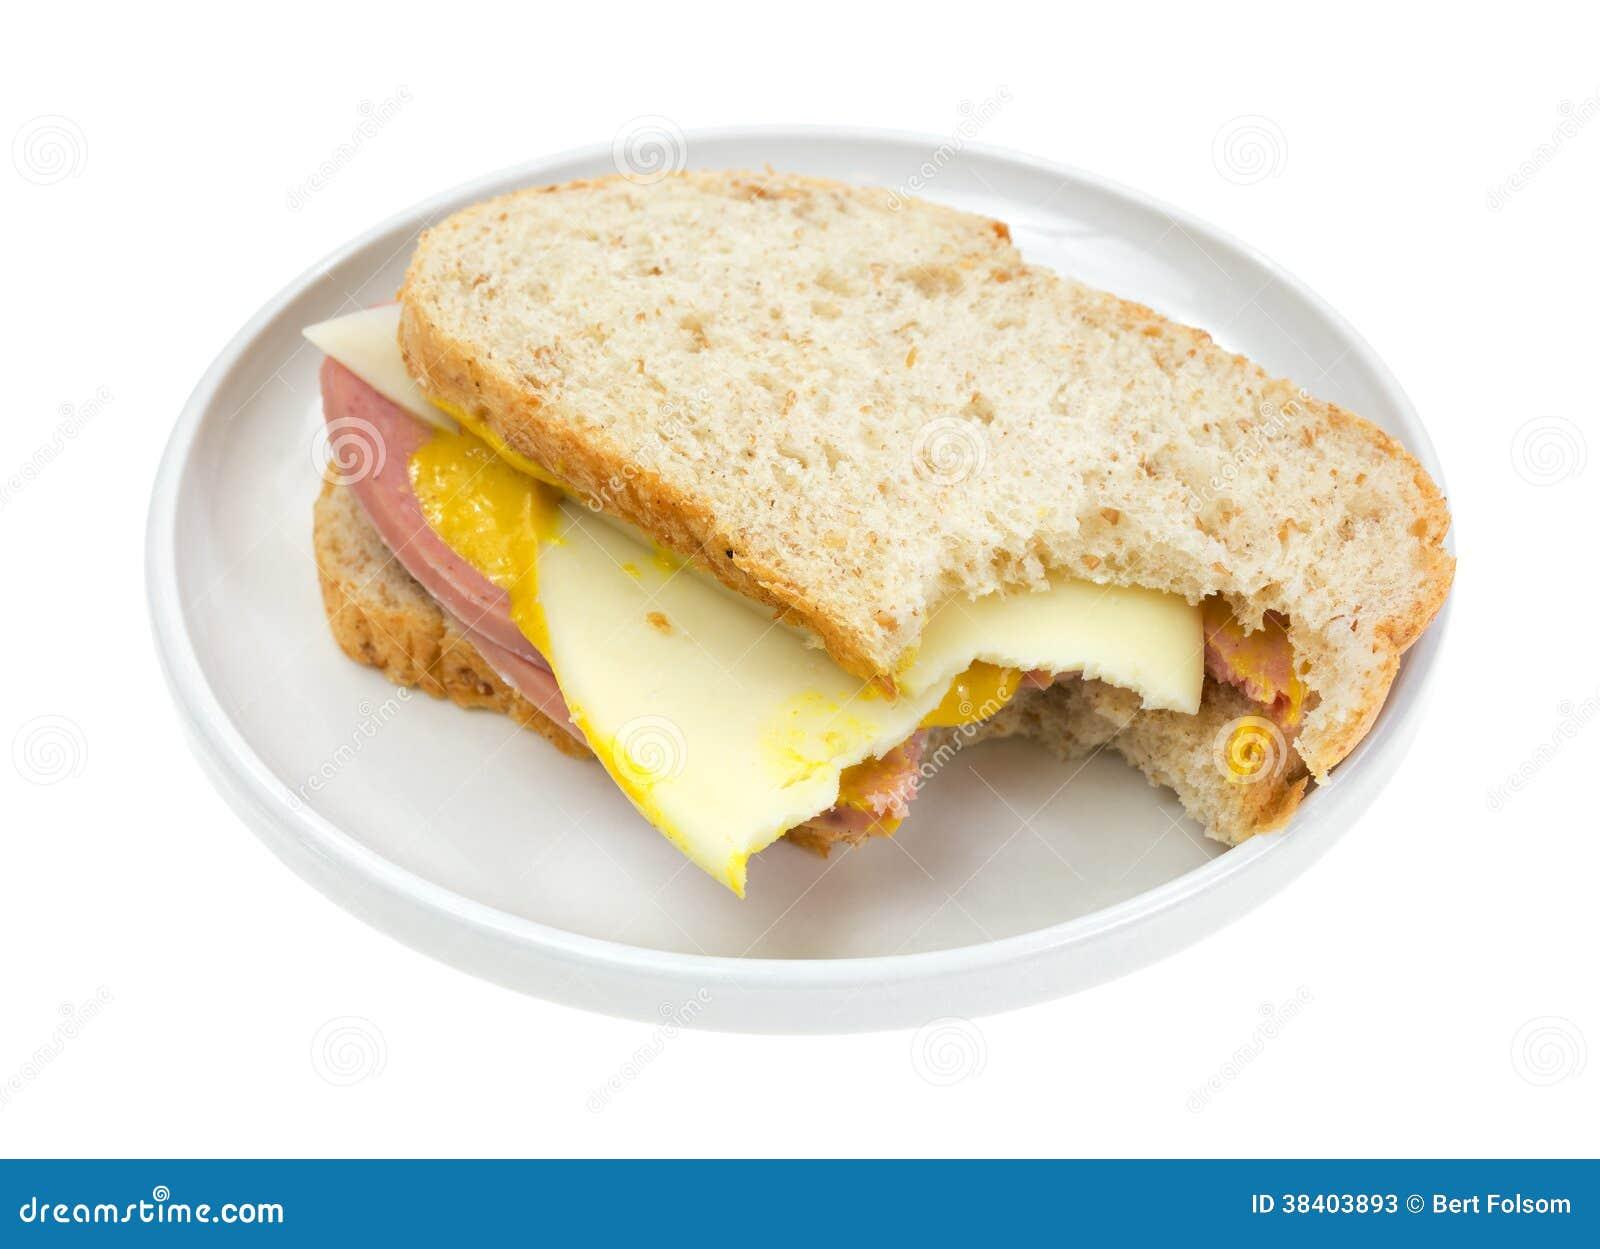 mortadella cheese